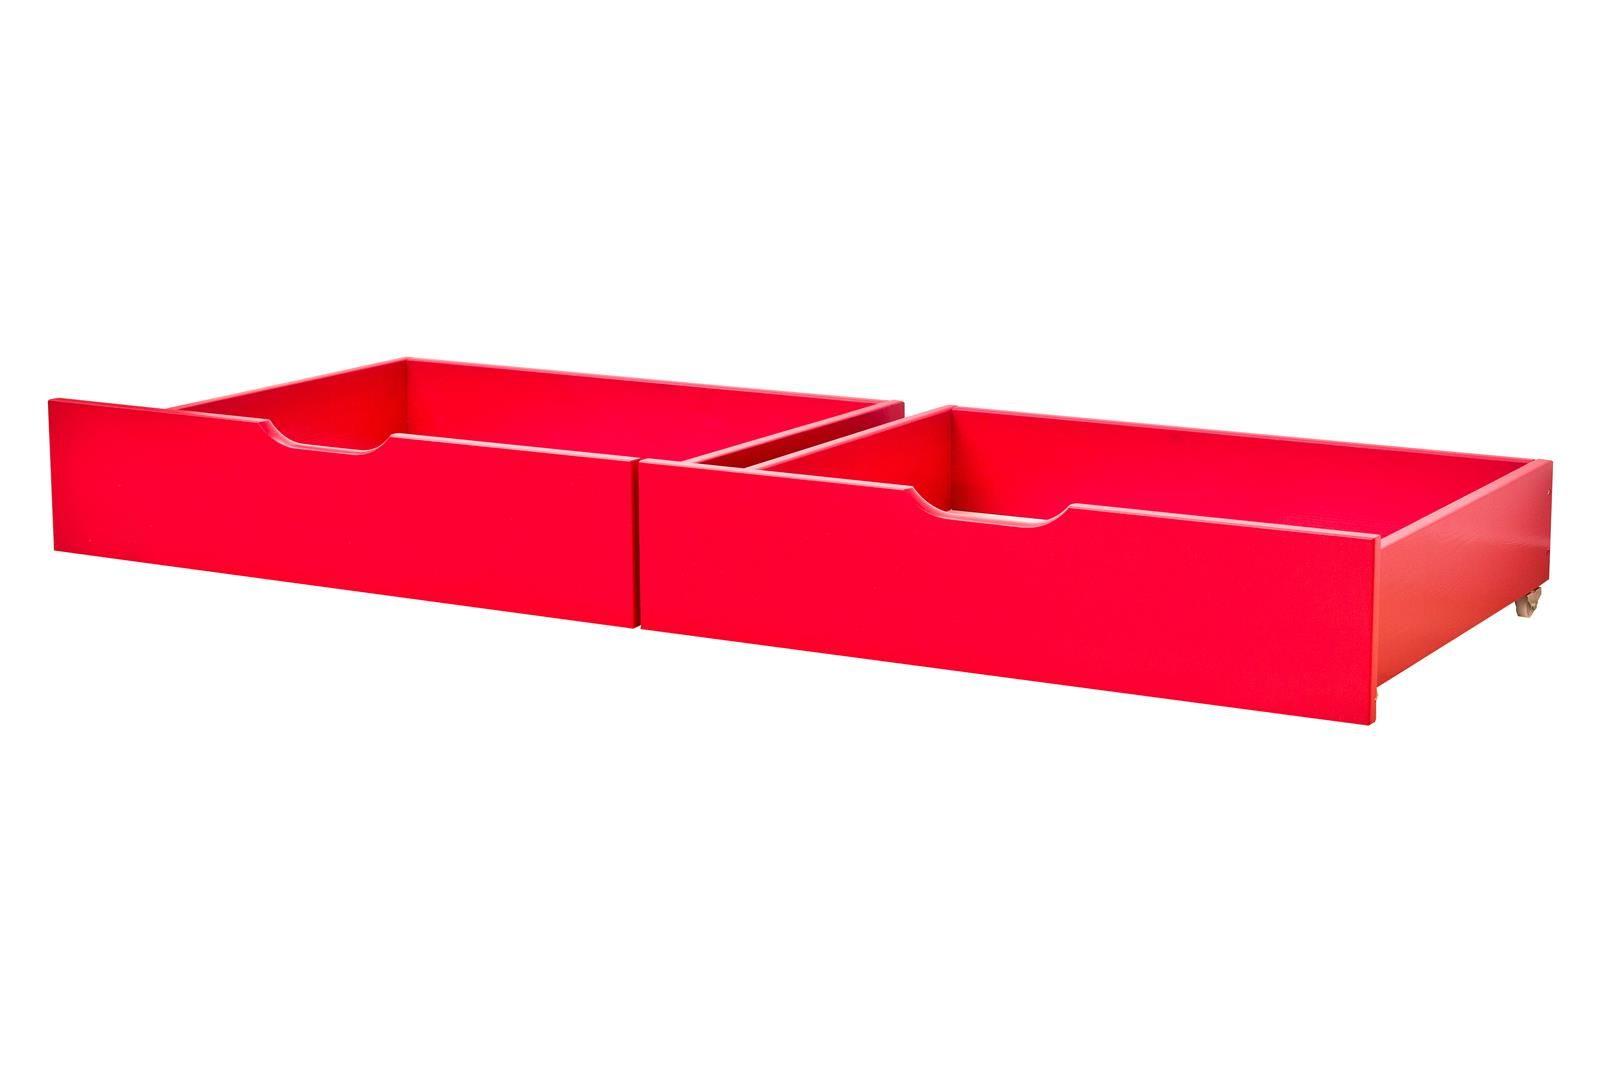 Sengeskuffesæt fra Hoppekids - Classic Red (153x60)